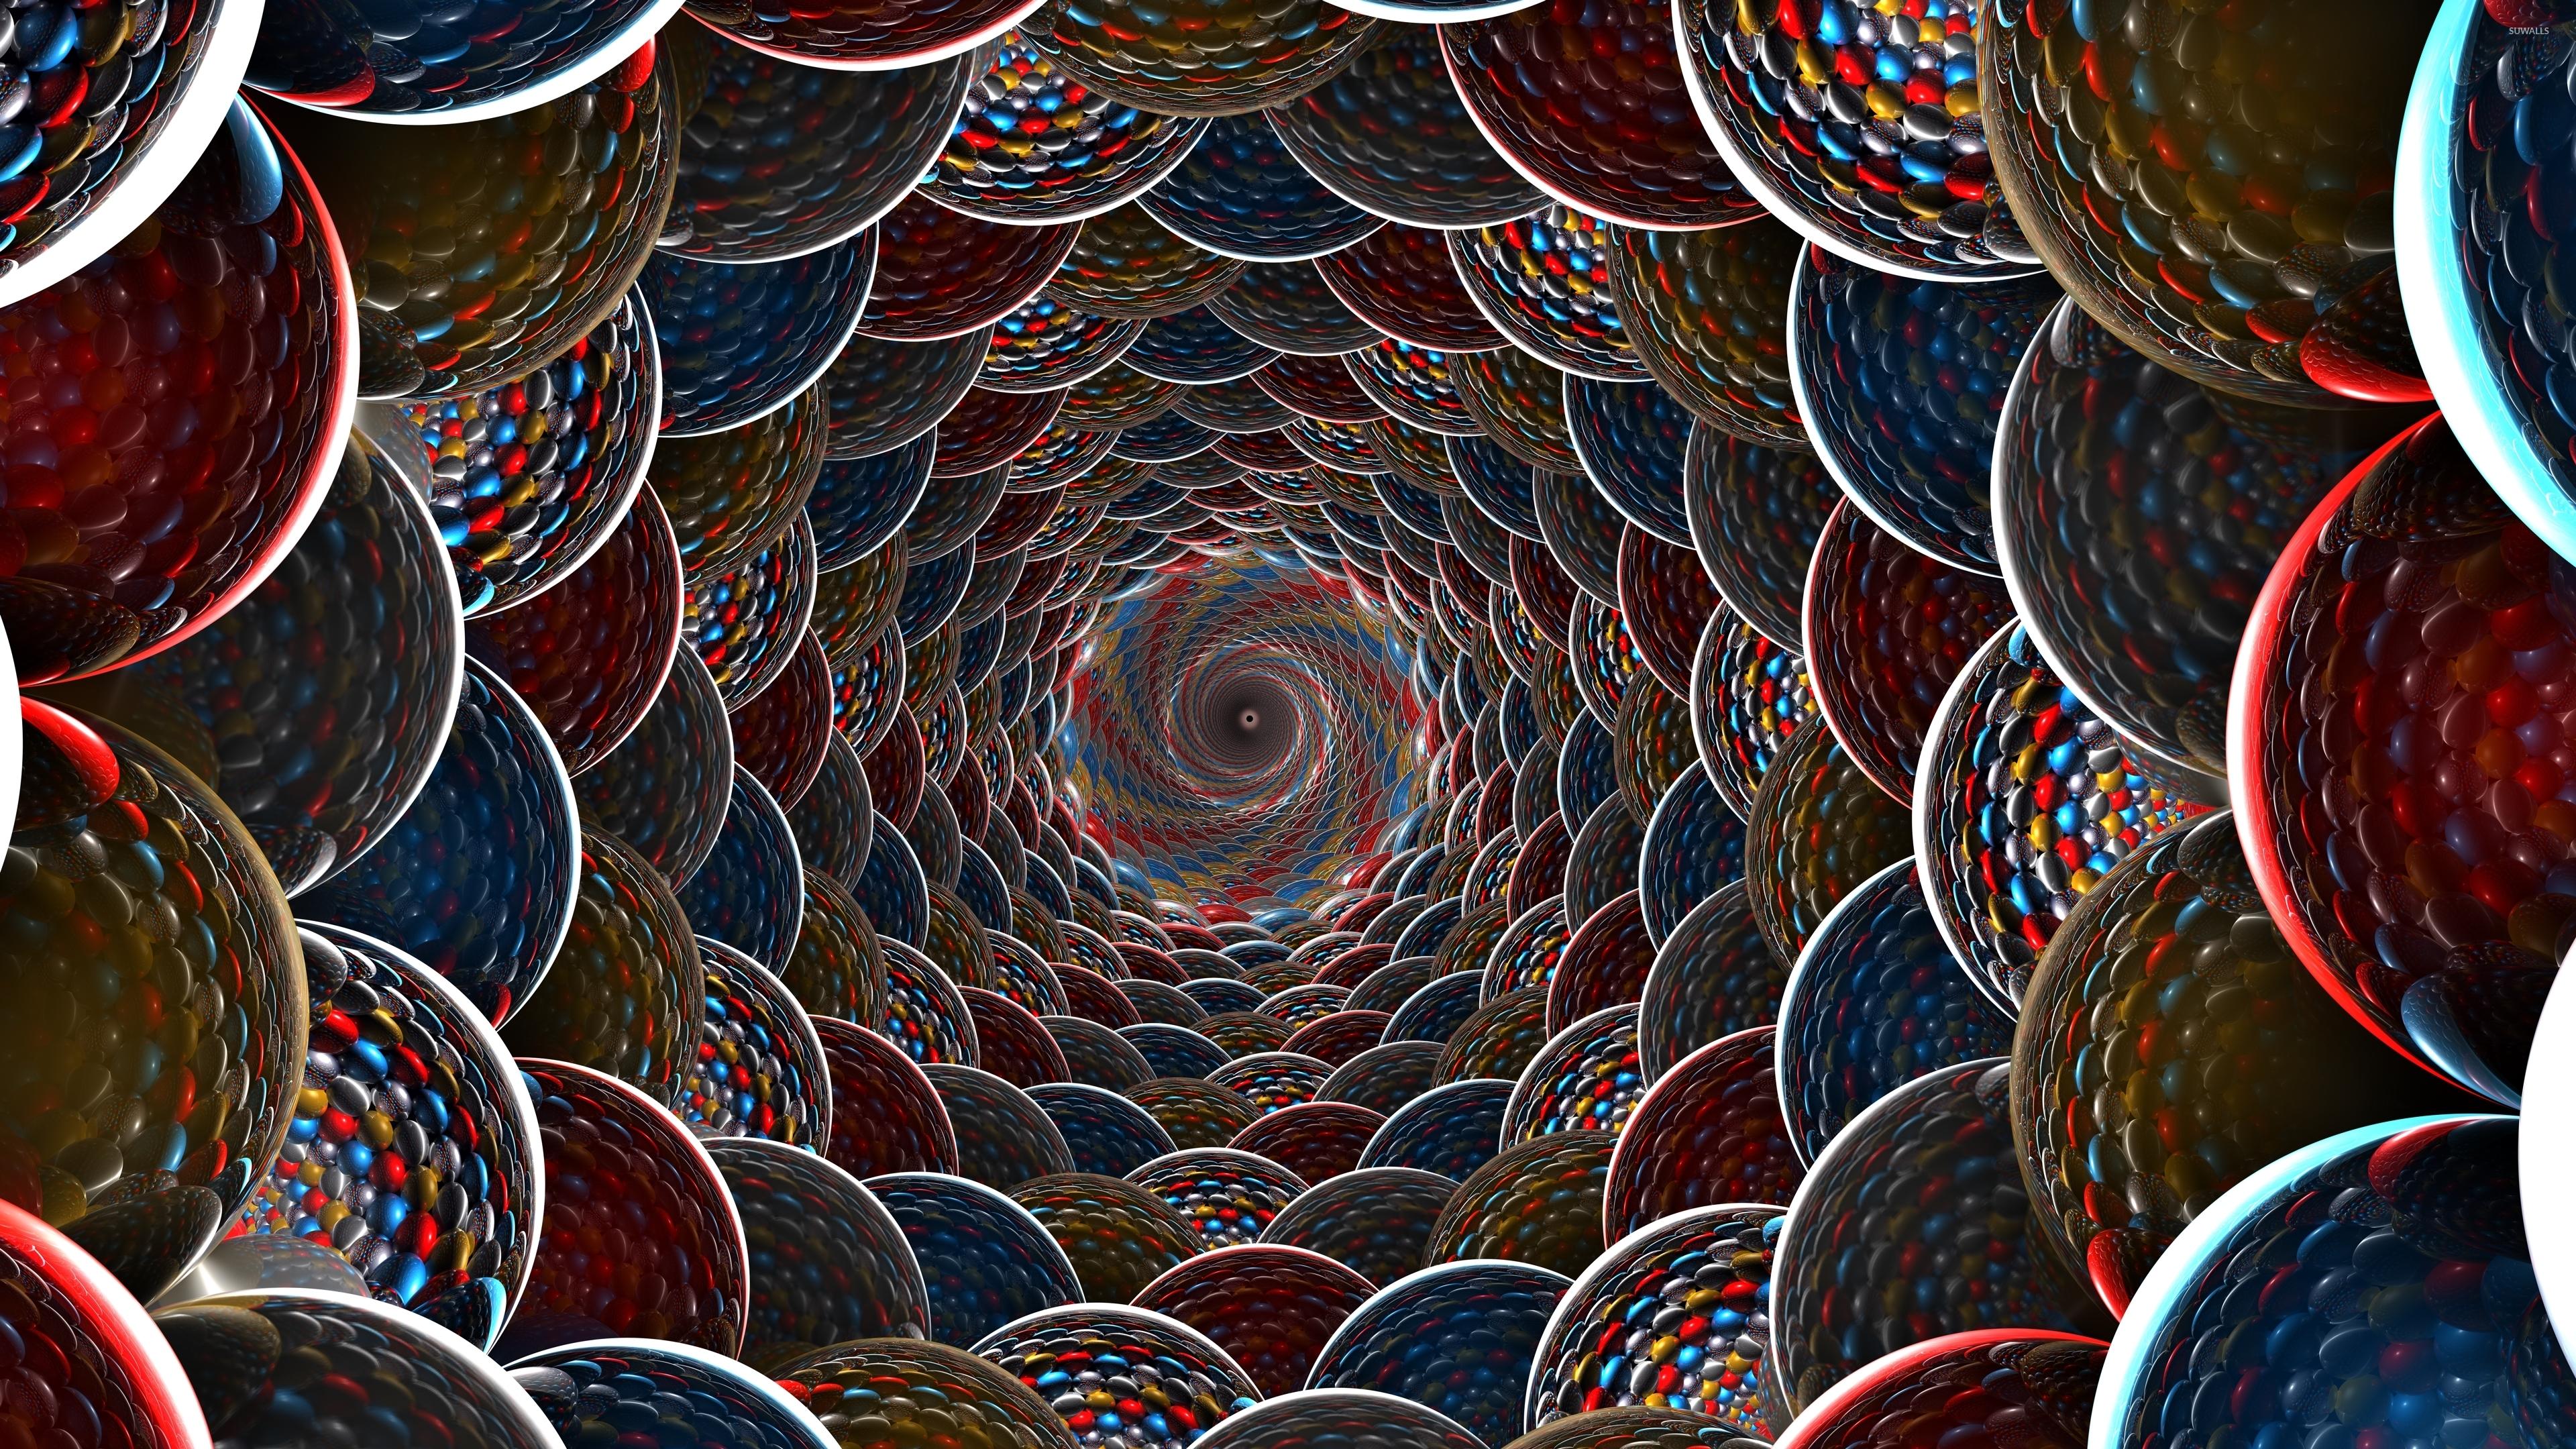 Wallpaper download abyss - Fractal Balls Abyss Wallpaper